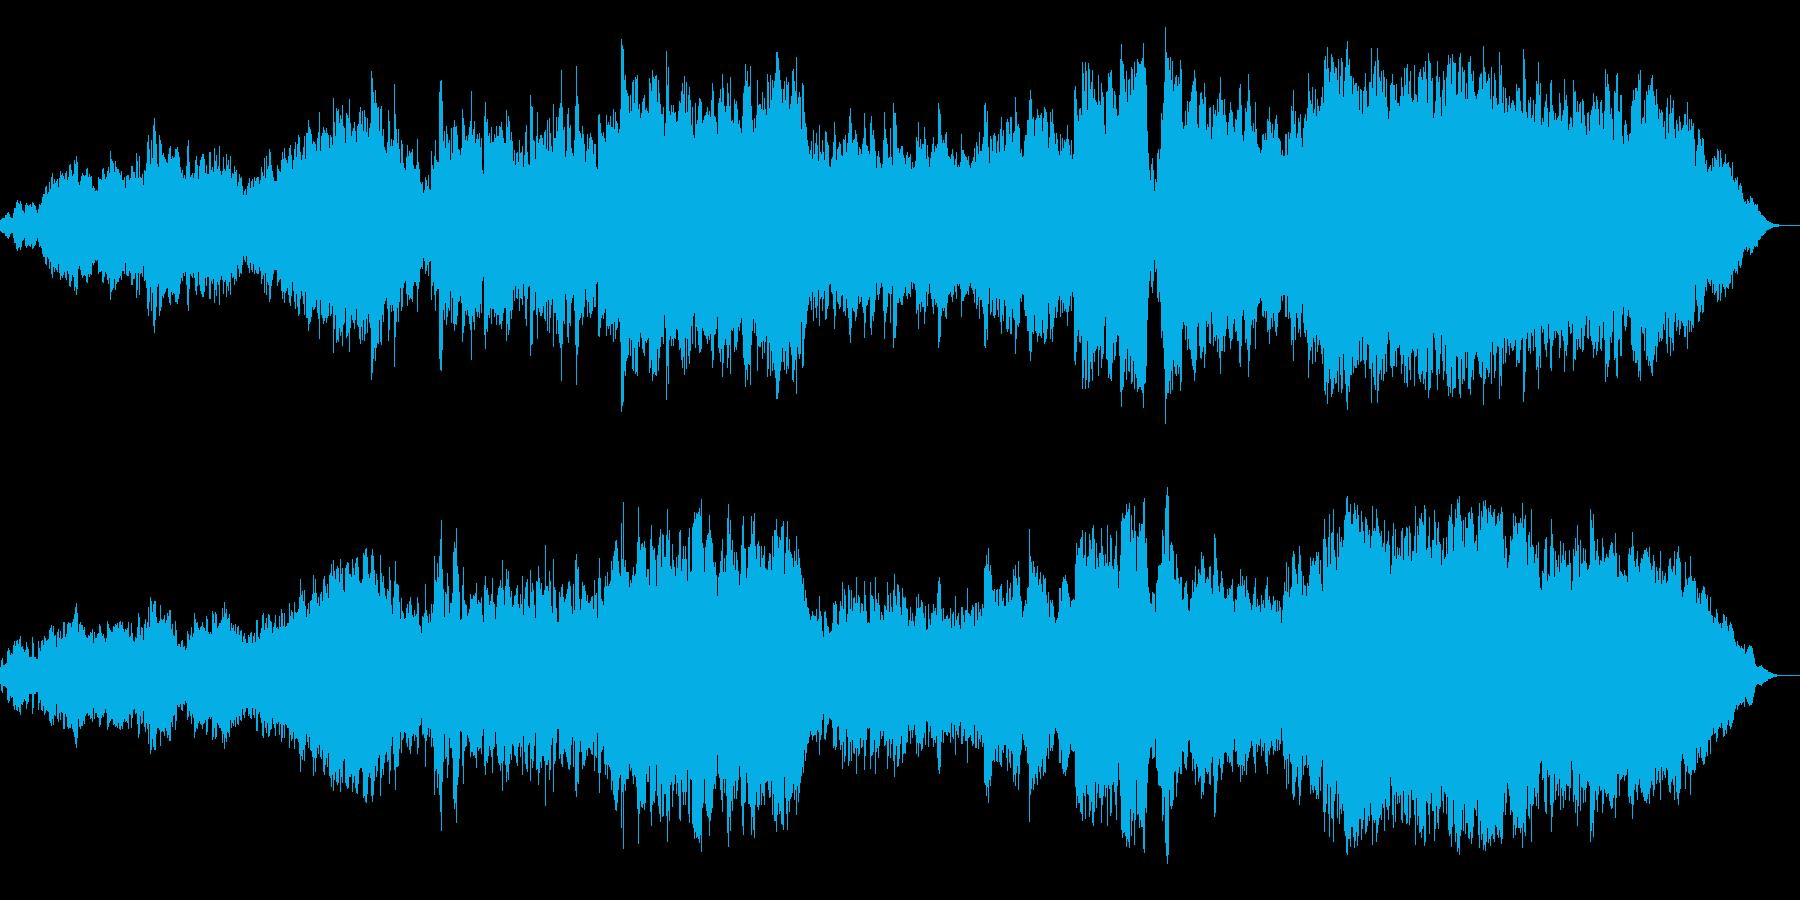 感動的で壮大なオーケストラの再生済みの波形